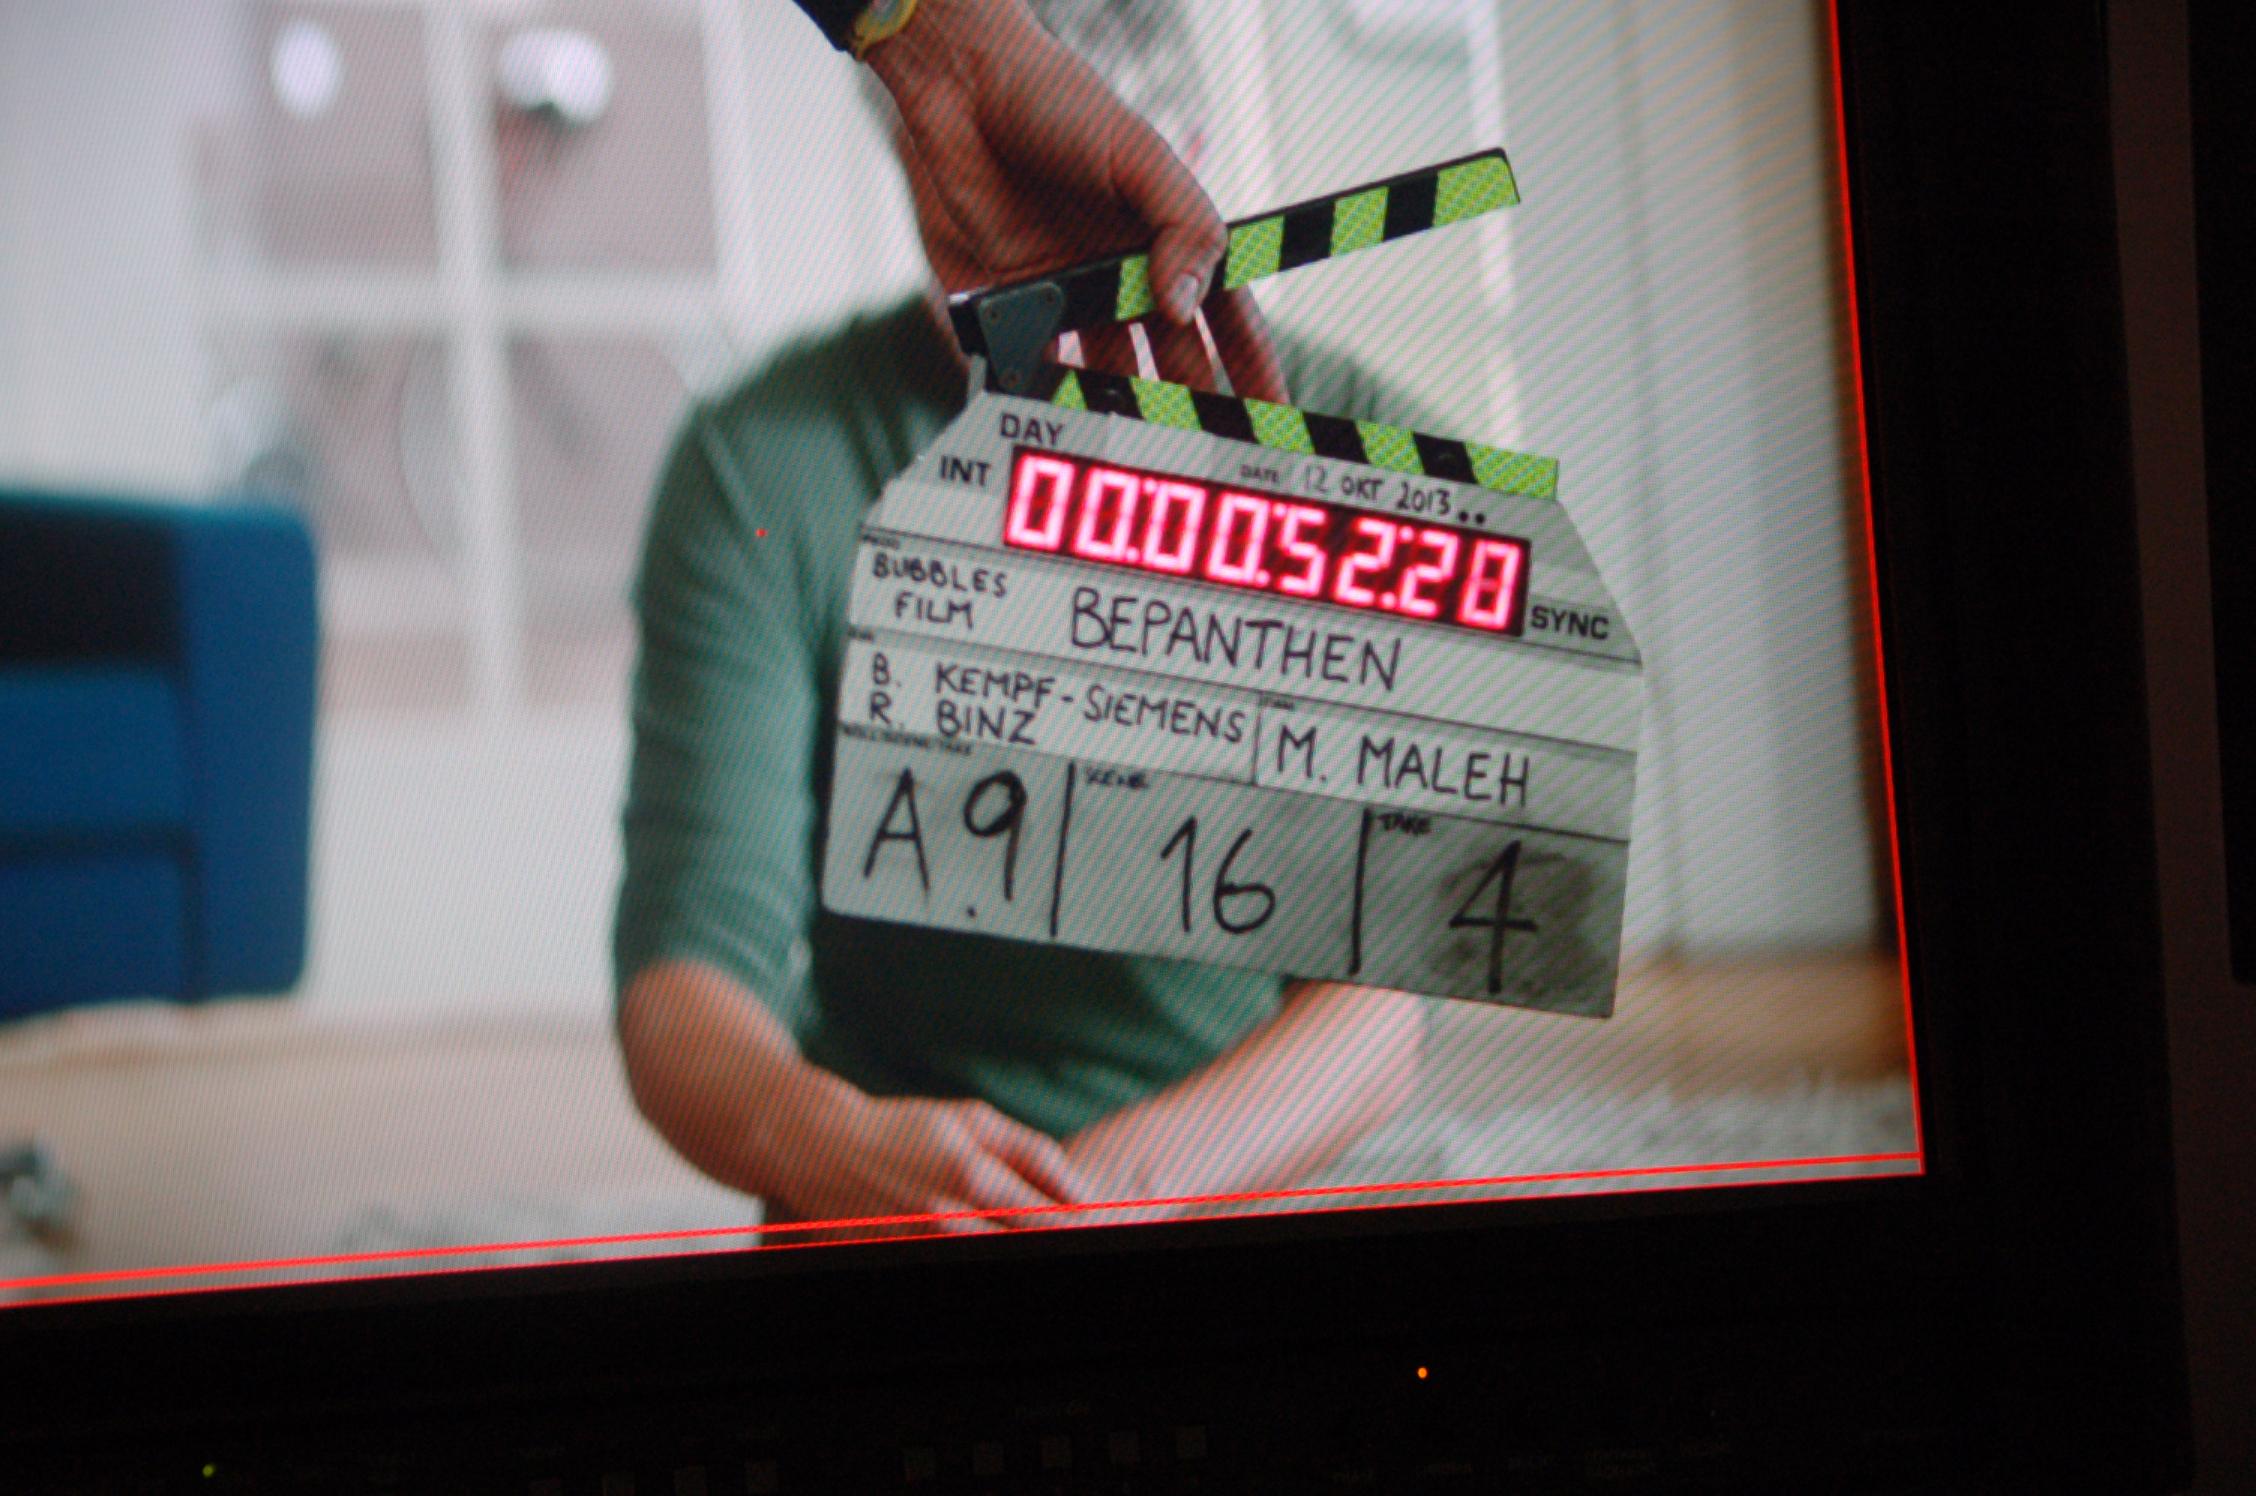 Doppel-Regie, außergewöhnliches Casting und ein vollgepackter Drehtag